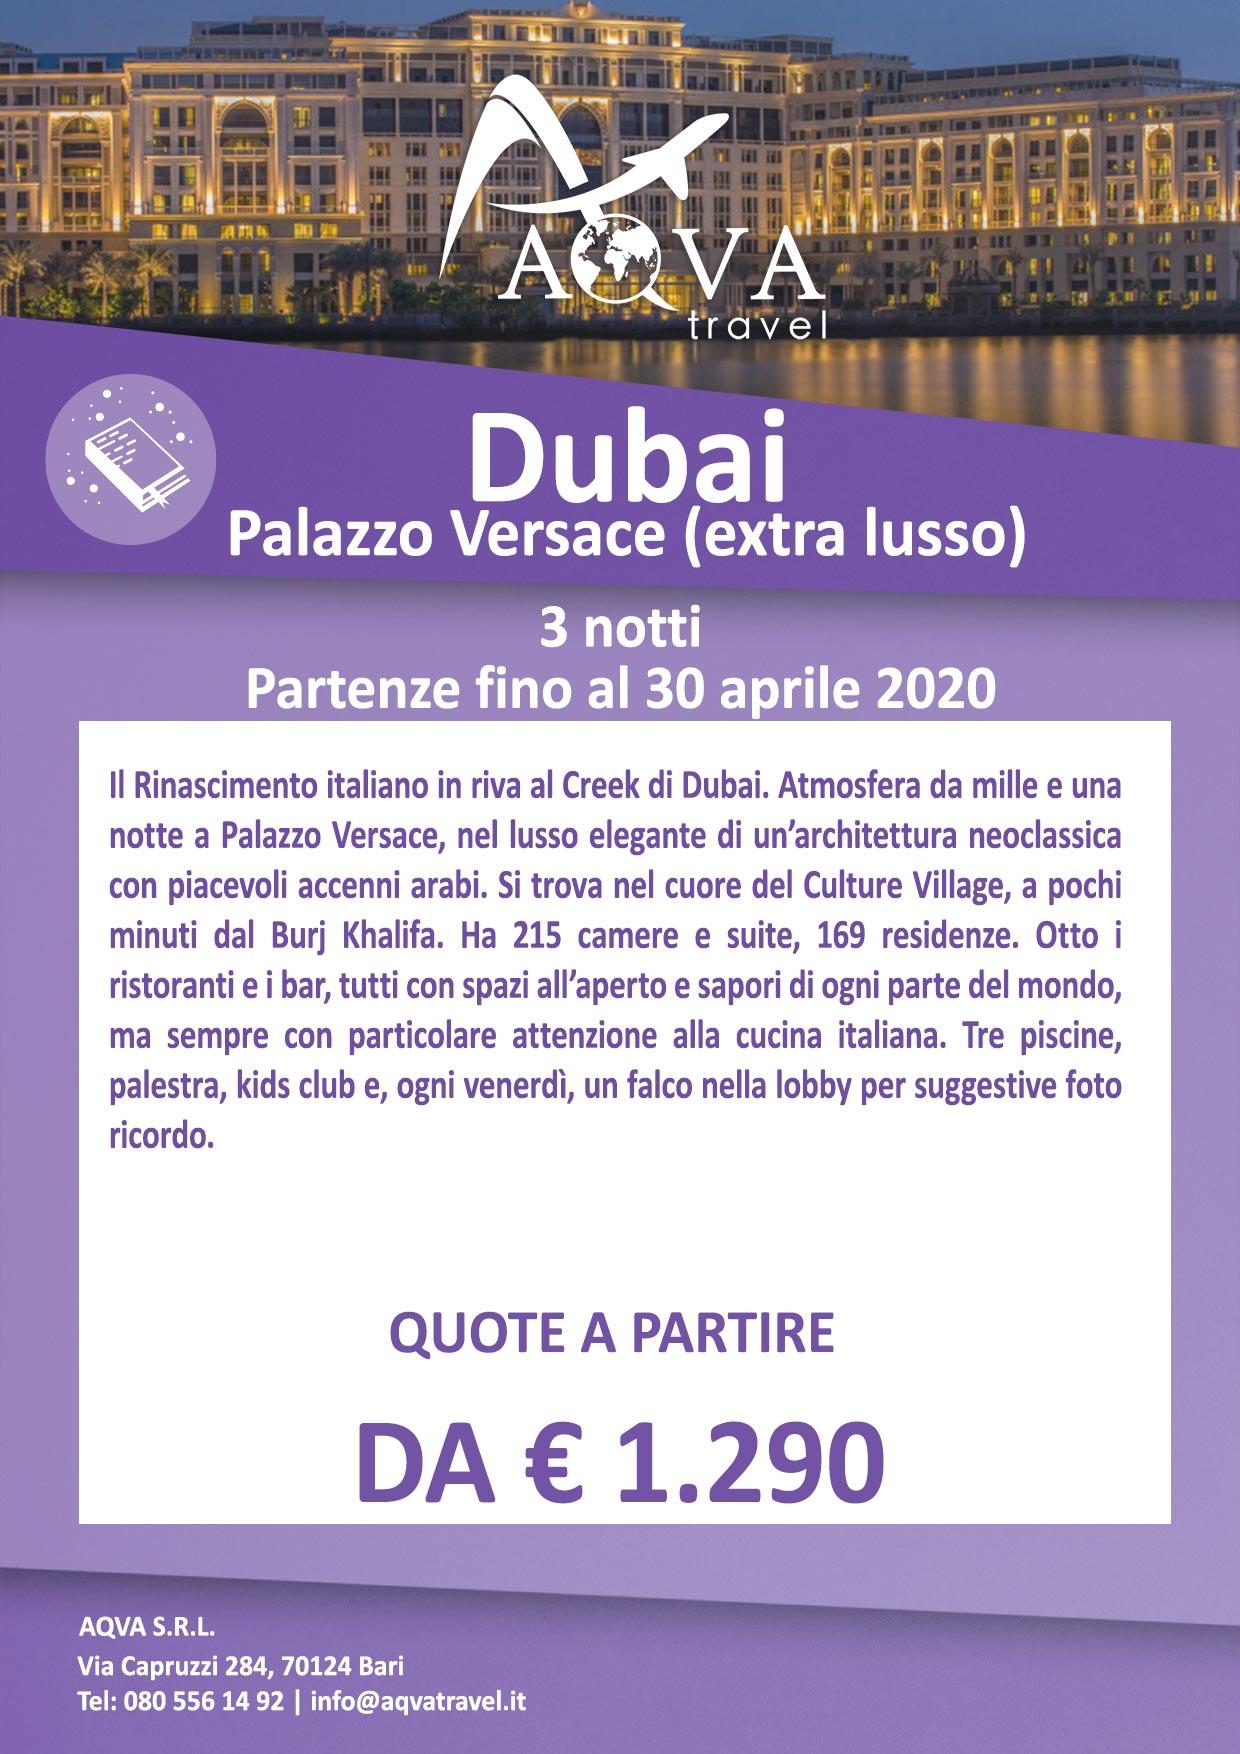 Dubai-PALAZZO-VERSACE-(extra-lusso)-3-notti-offerte-agenzia-di-viaggi-Bari-AQVATRAVEL-it